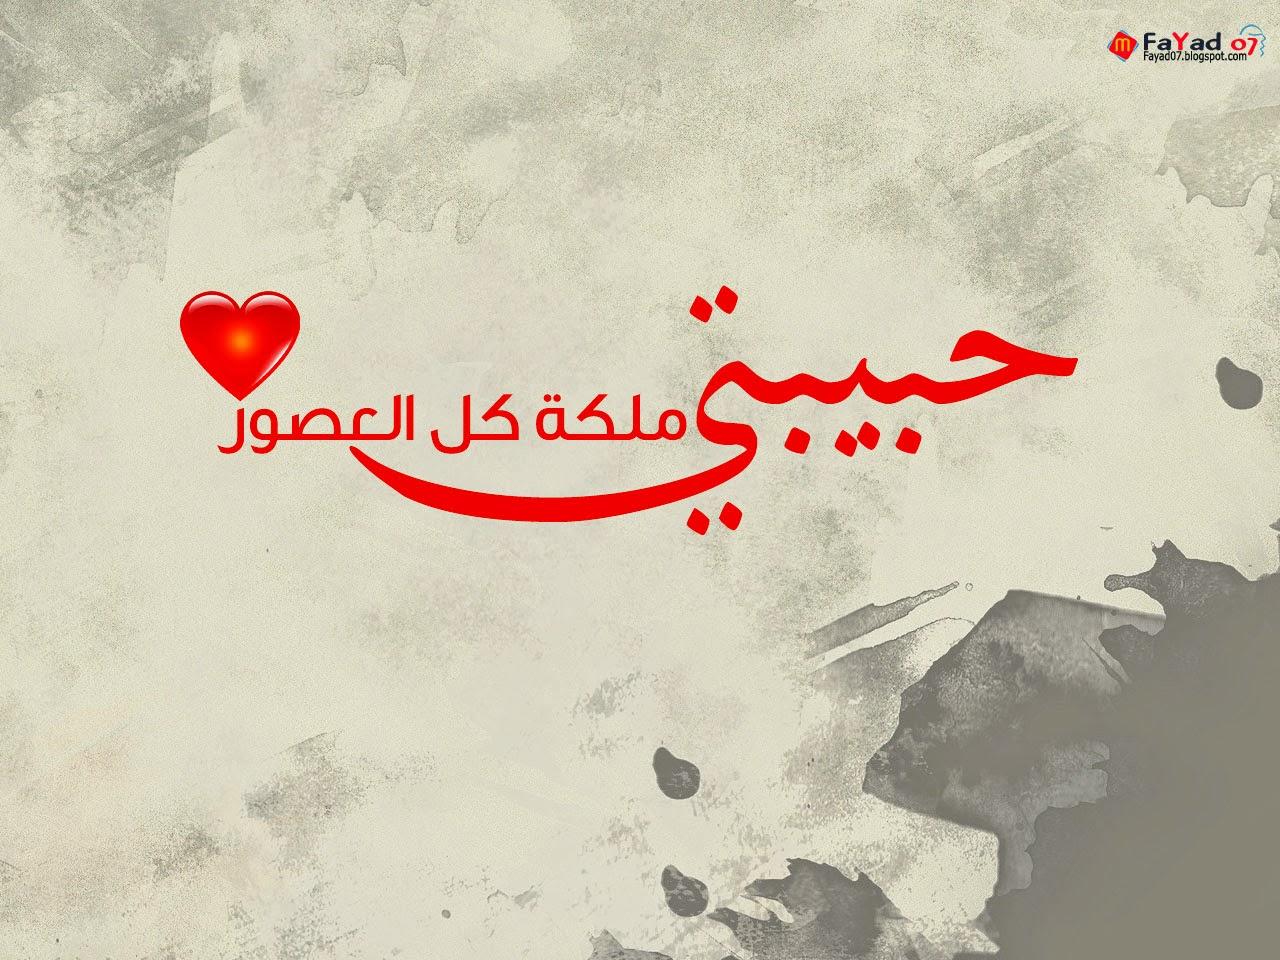 بالصور اجمل رسالة حب , كلمات ستجعل حبيبك يموت فيك 3592 4